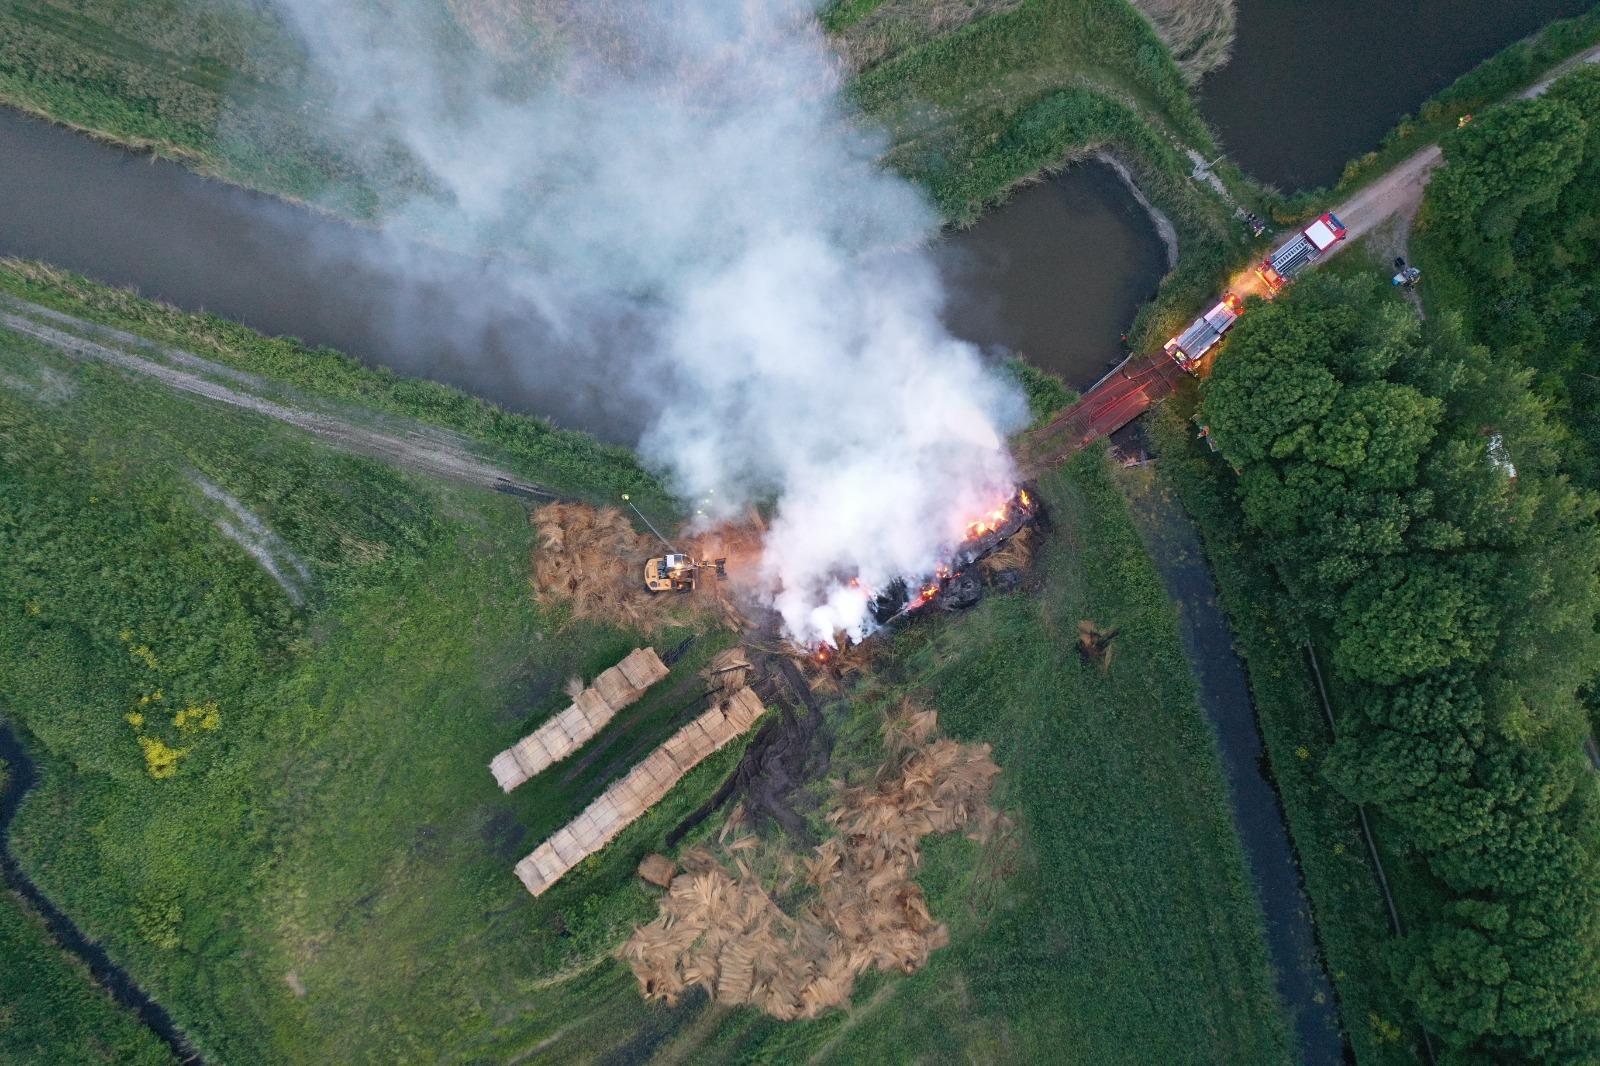 Rietdekkersbedrijf uit Bergen behoorlijk gedupeerd door urenlange brand op opslagterrein Geestmerambacht: 'Helft van rietoogst plotseling weg'